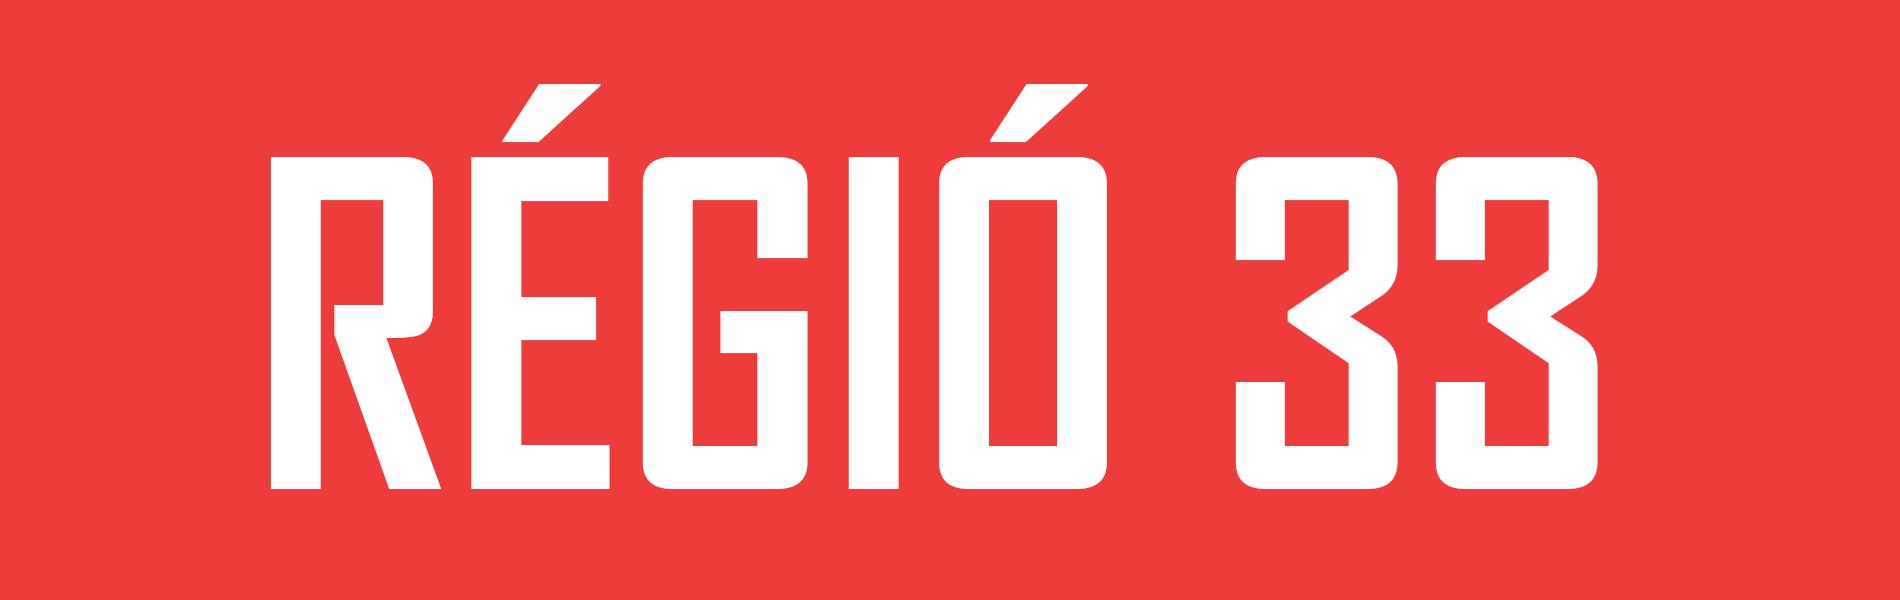 regio33